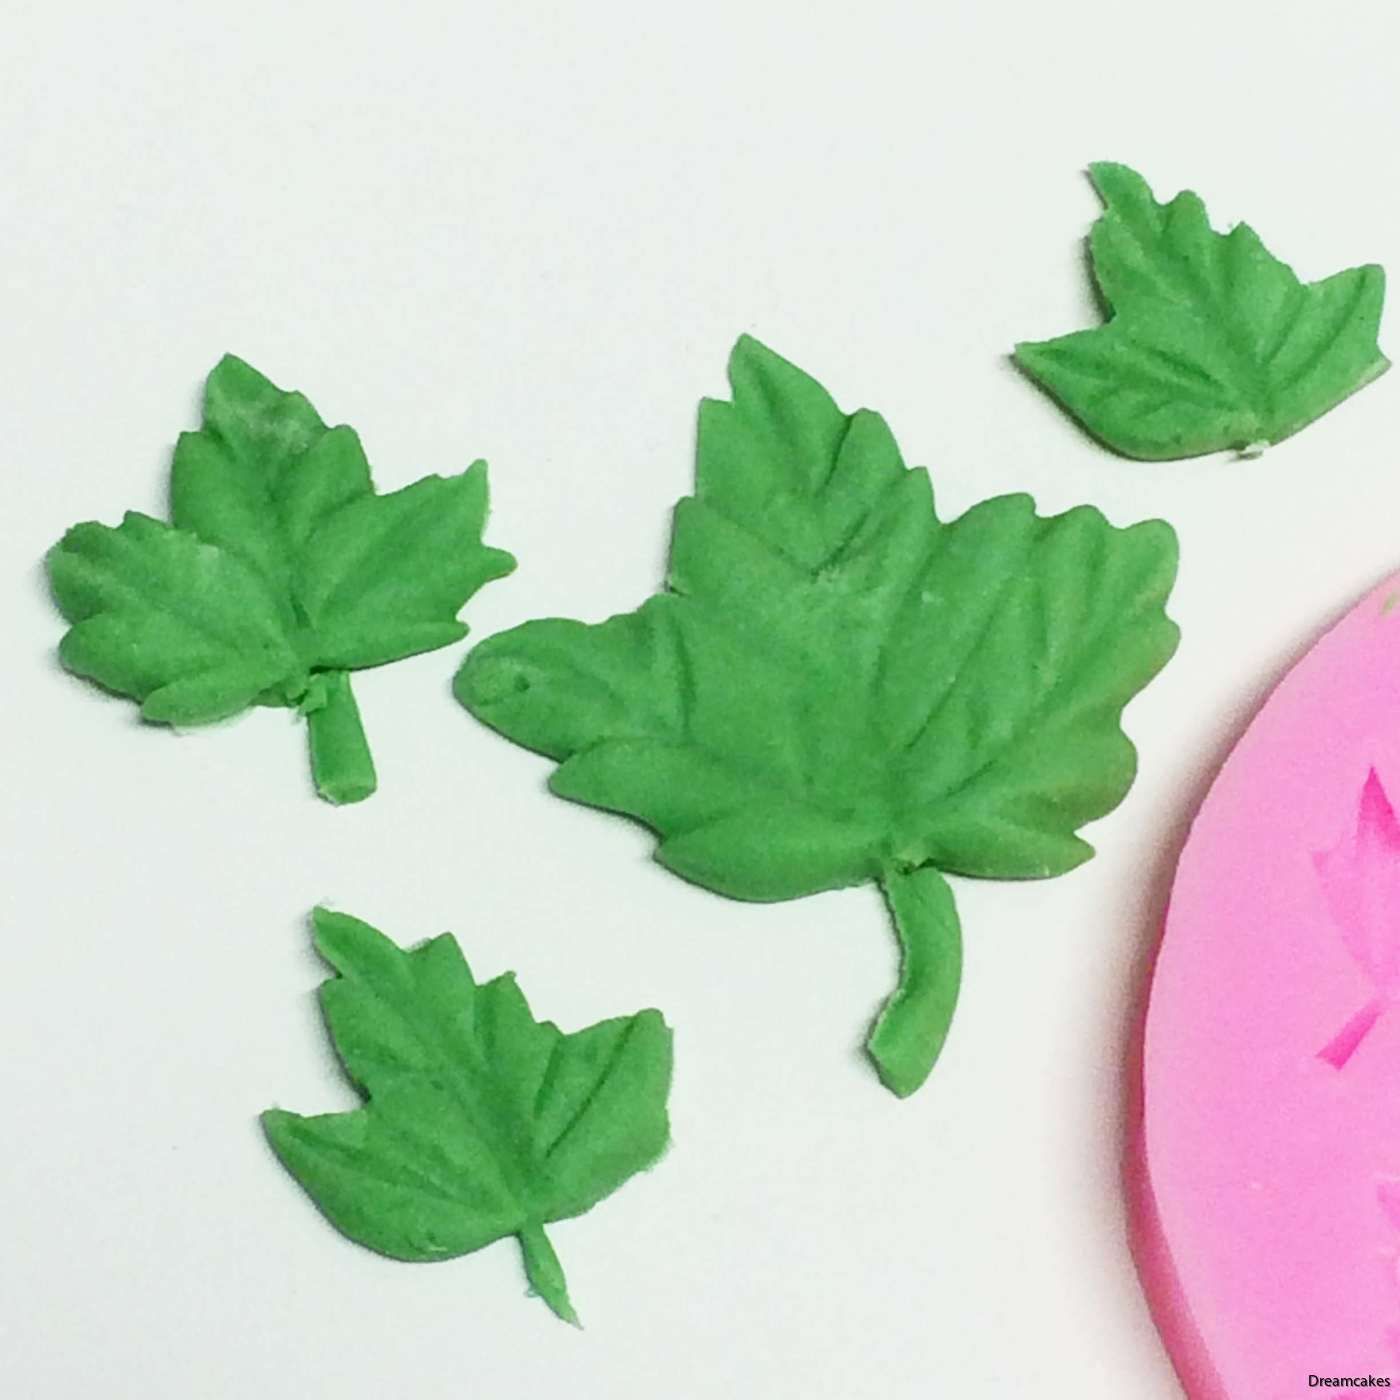 löv av marsipan, blad av sockerpasta, gjutform, gjuta löv, sugarpaste löv, löv till bröllopstårta,